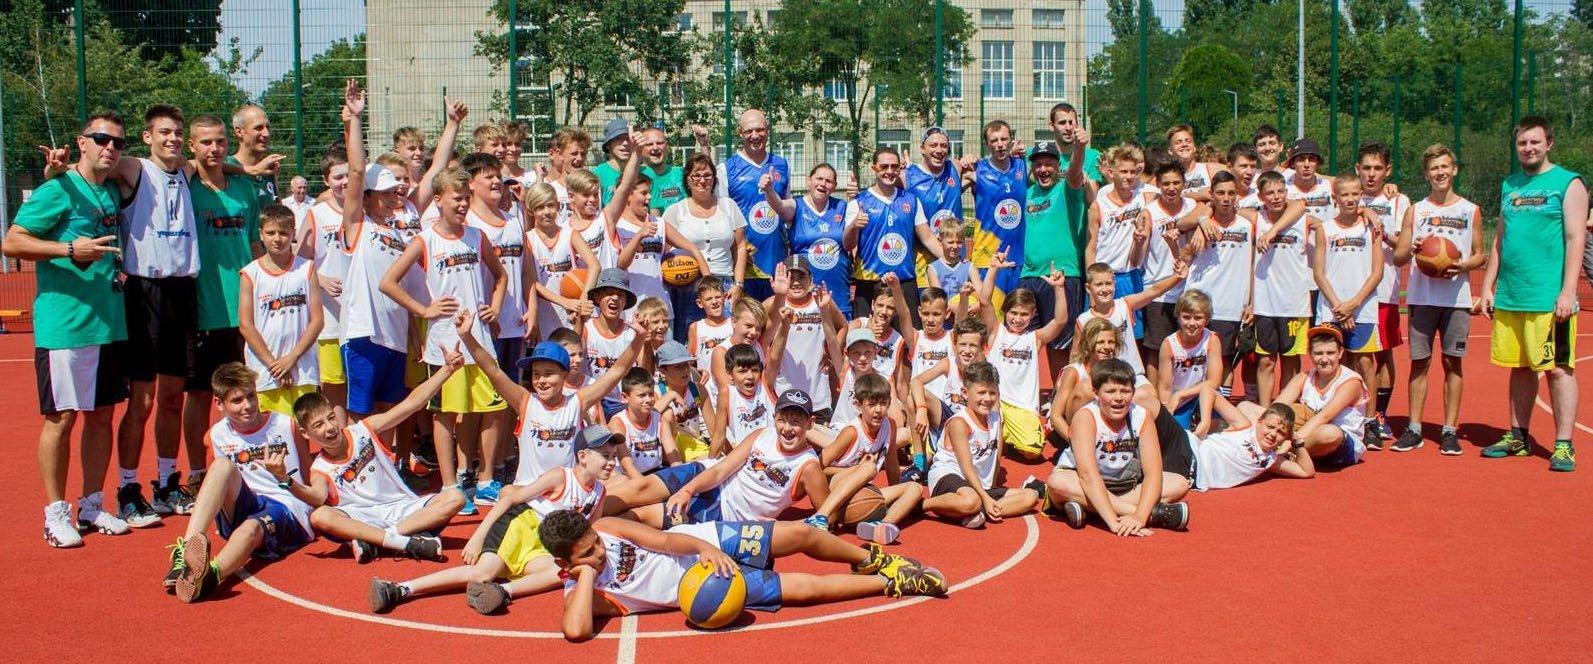 В Одессе прошел первый баскетбольный кэмп для школьников (+фото, видео)